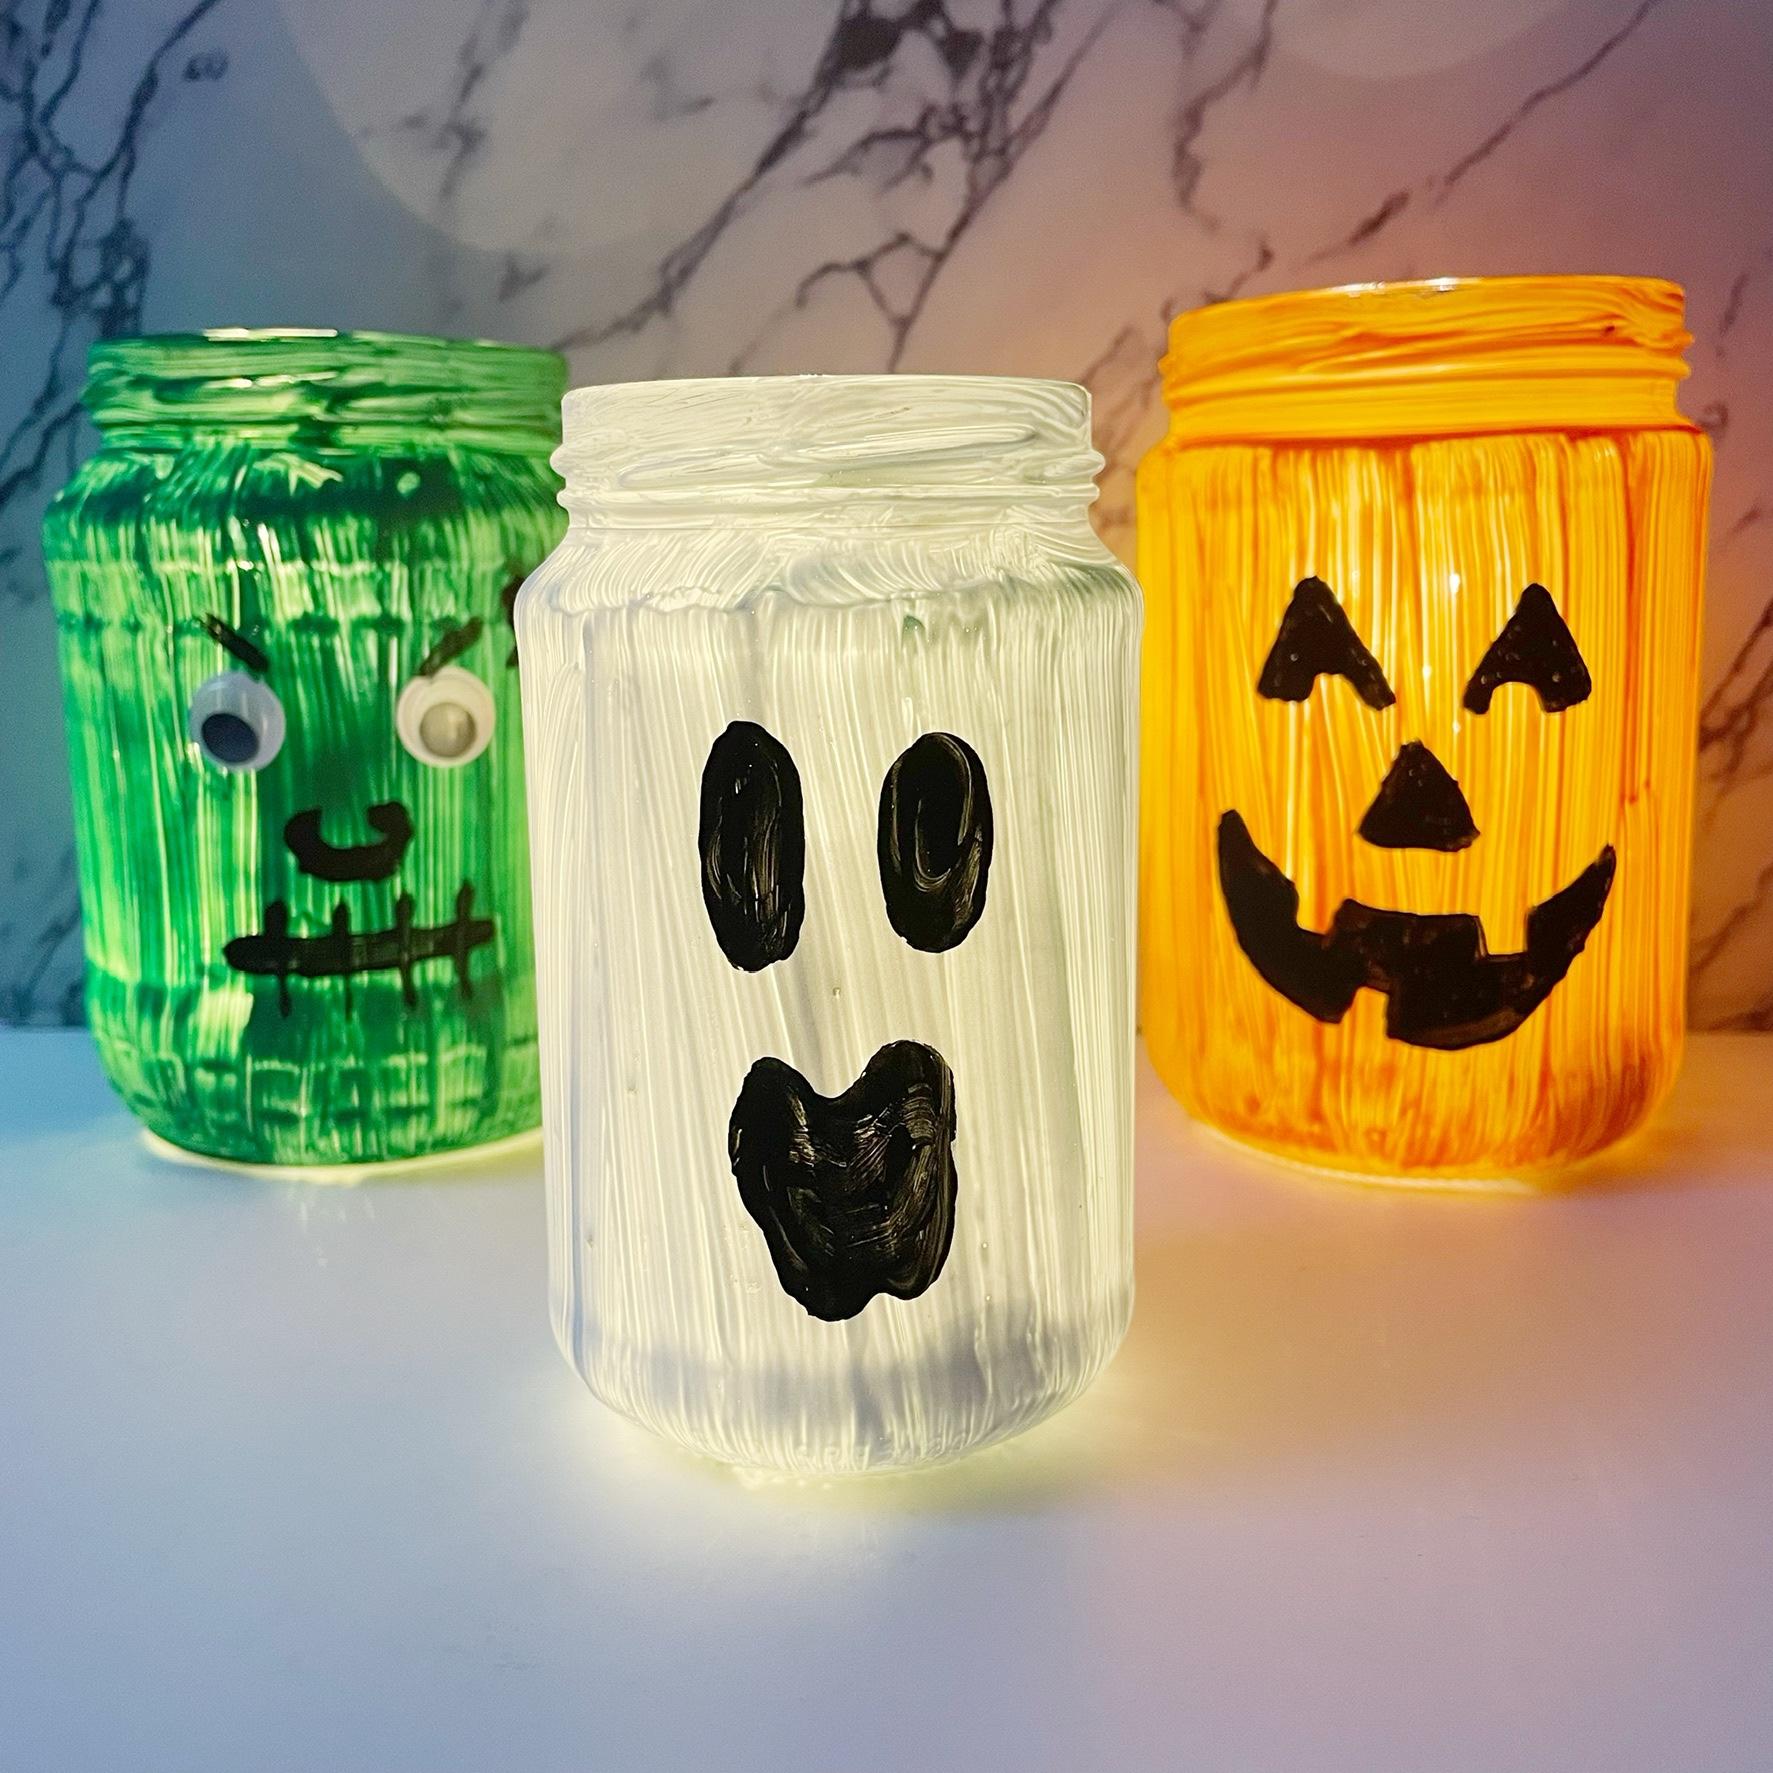 halloween decoratie knutselen, zelf griezelige windlichten maken.